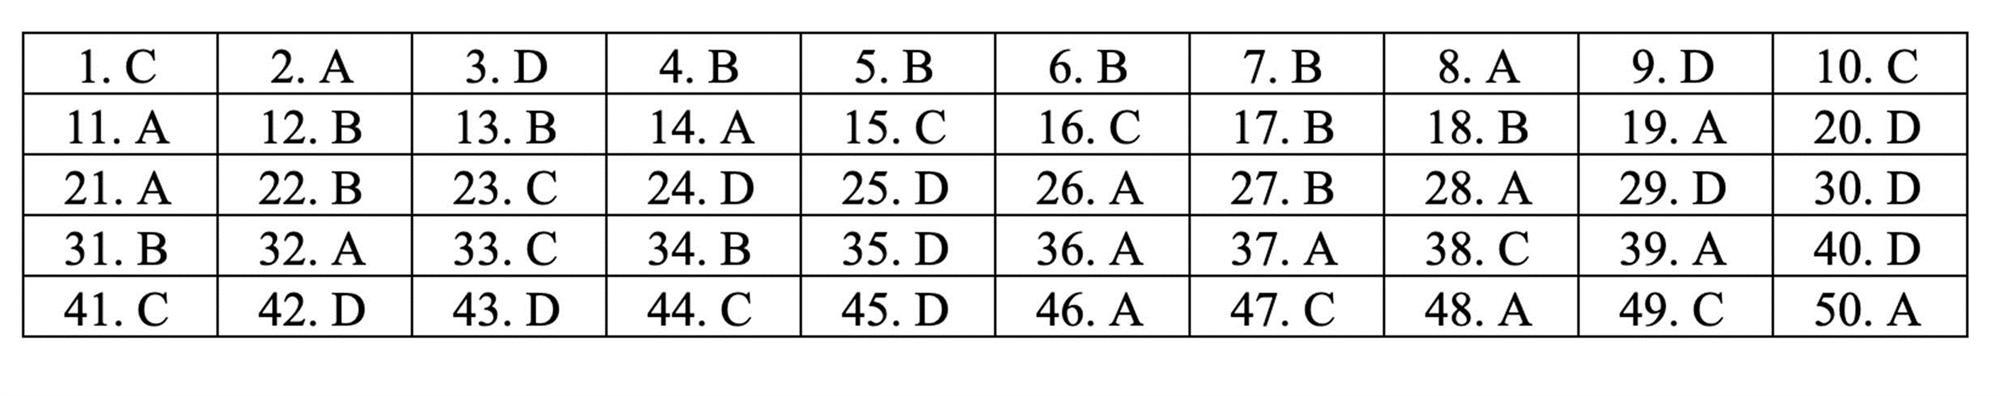 Đáp án tham khảo môn Toán thi THPT quốc gia 2019 tất cả mã đề-18